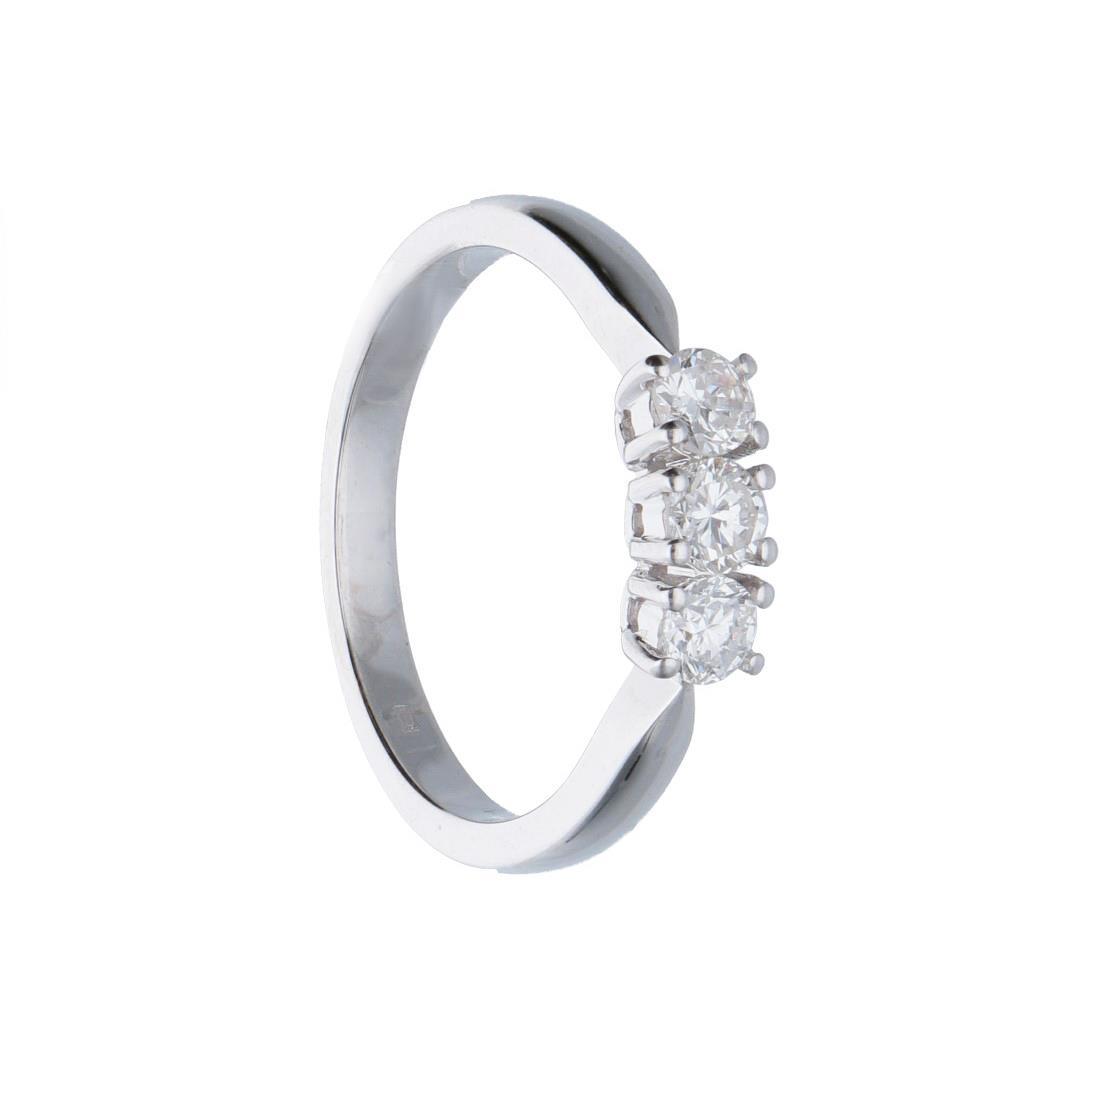 Anello trilogy in oro bianco con diamanti mis 15 - ALFIERI ST JOHN